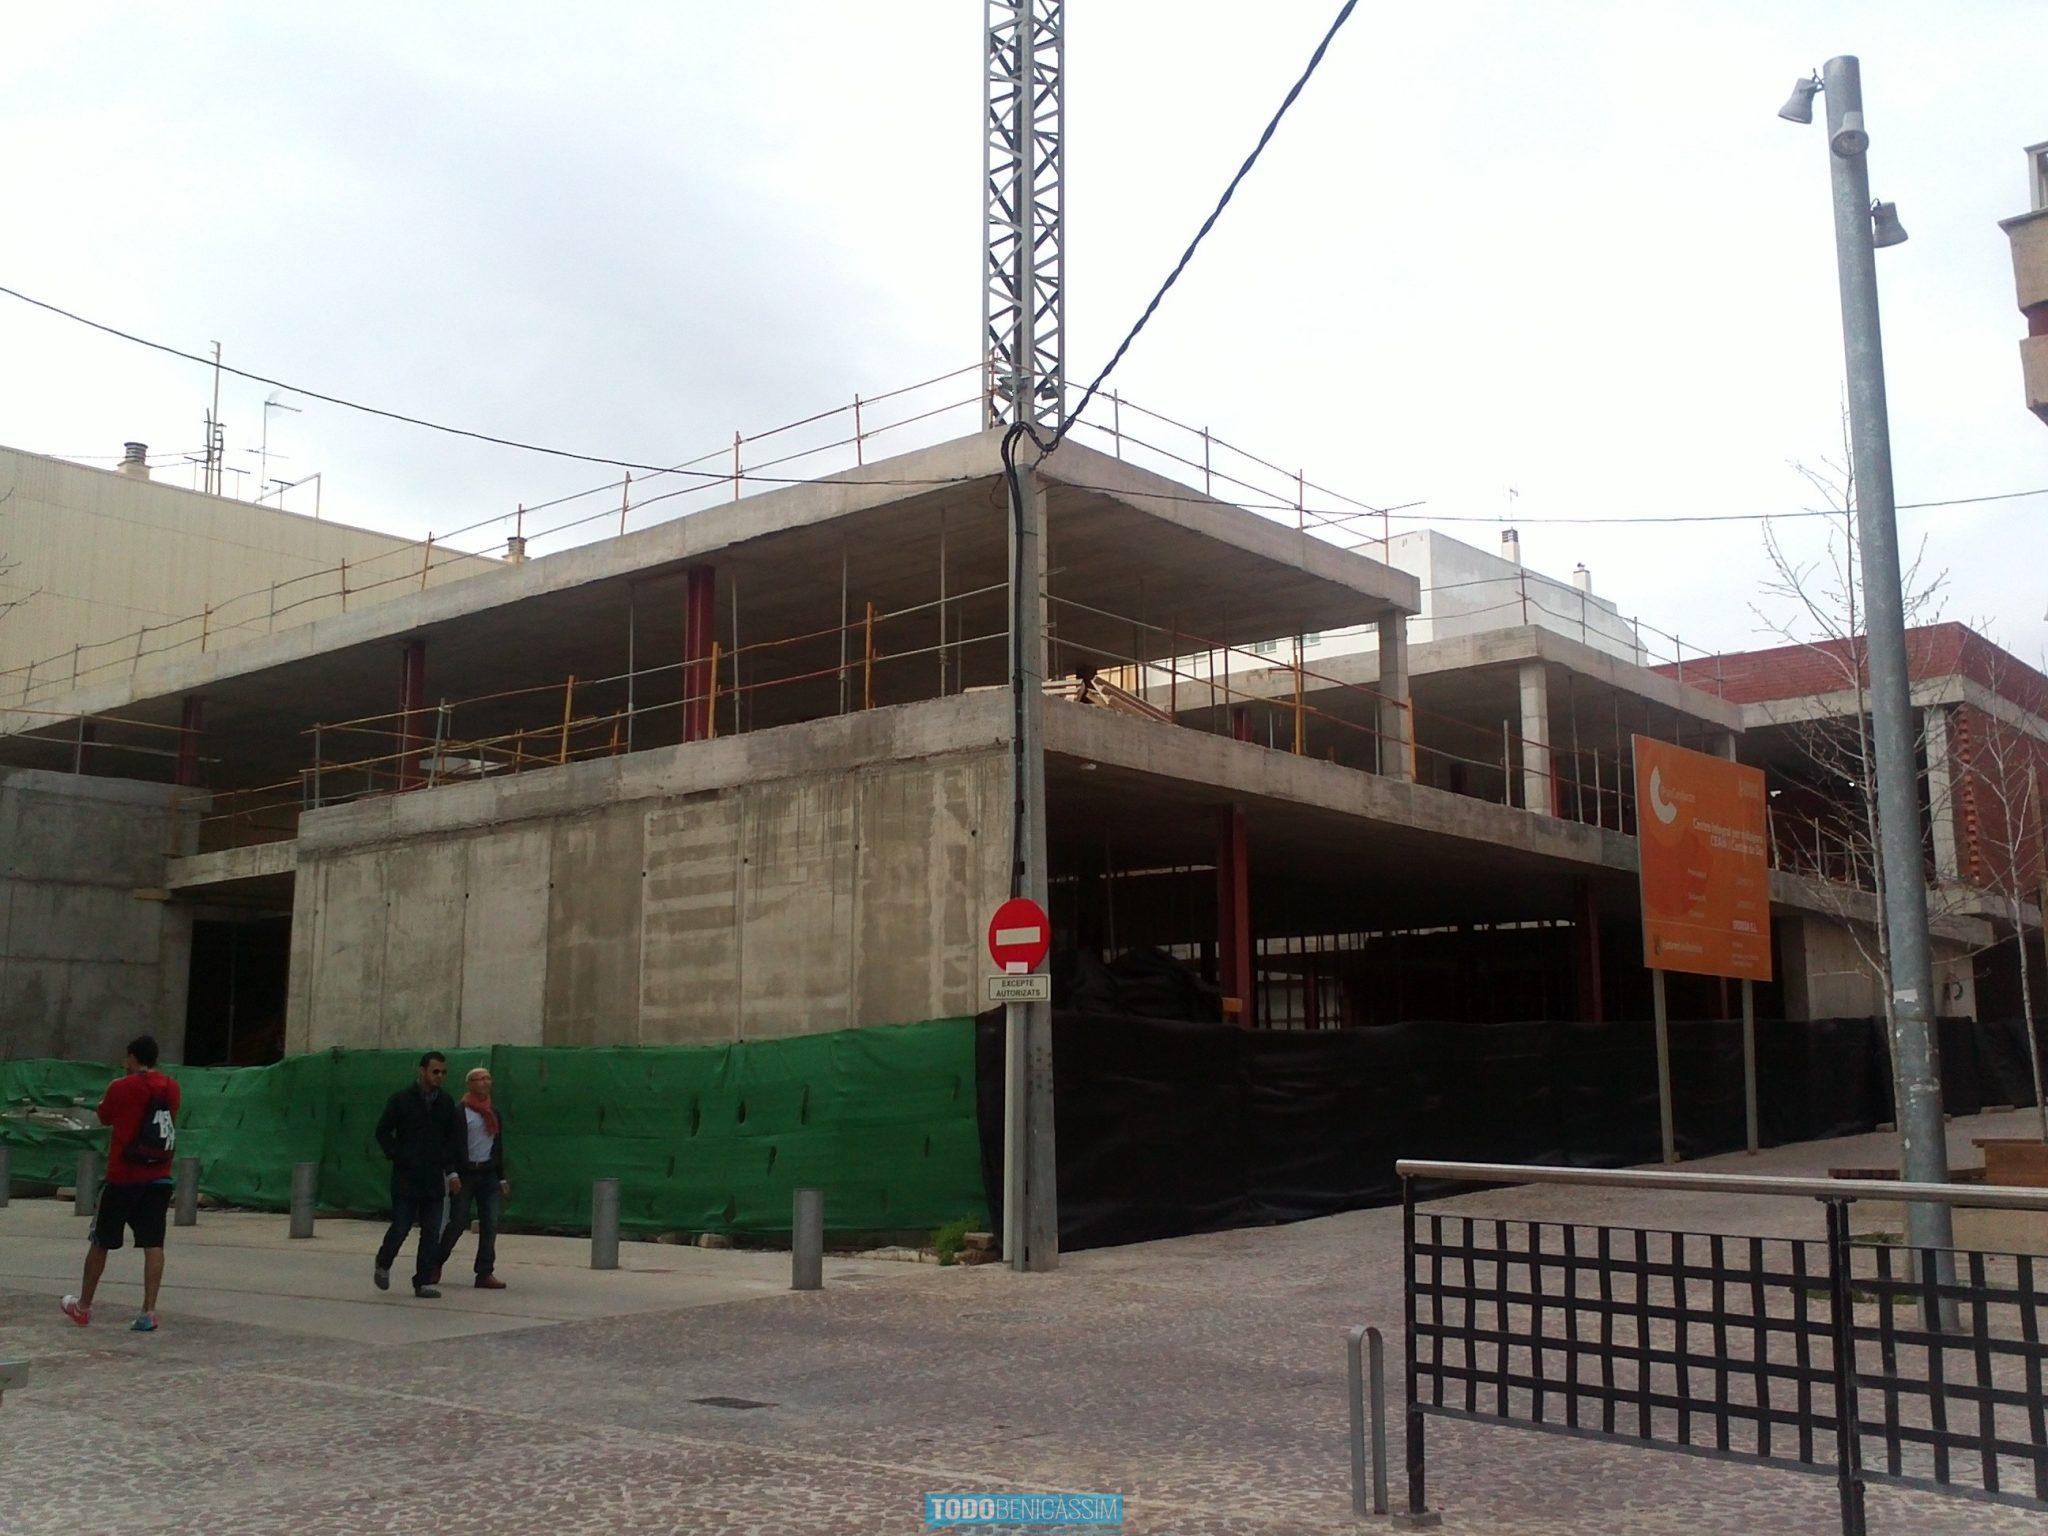 14 empresas interesadas en retomar las obras del CEAM en Benicàssim ...